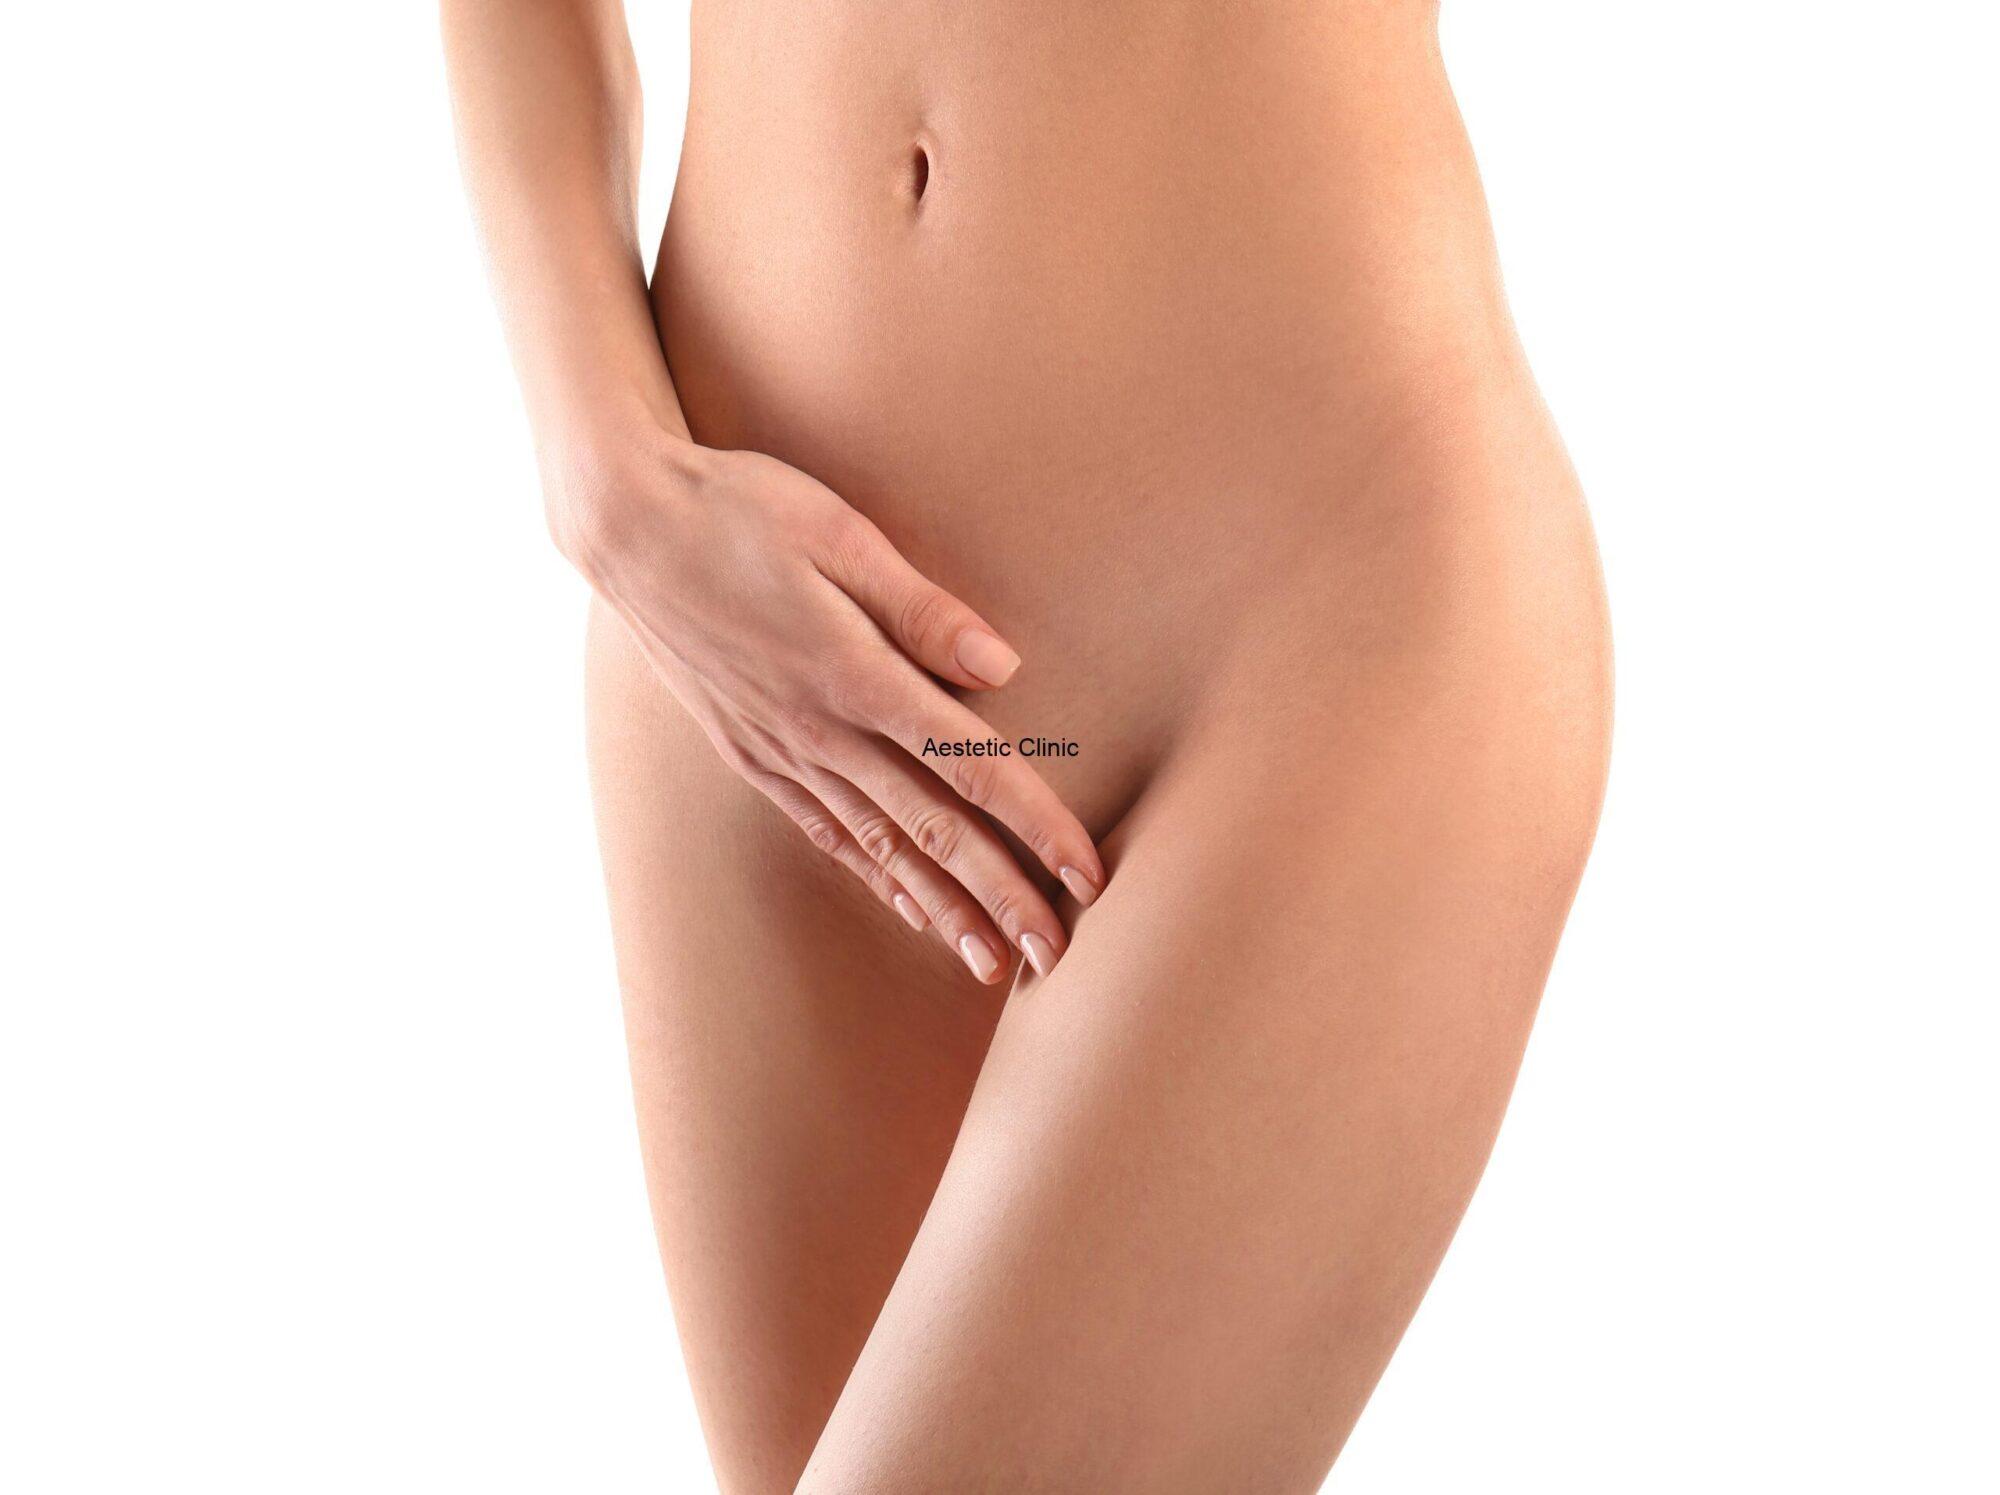 depilacja bikini, Bikini brazylijskie, laserowa depilacja bikini, depilacja miejsc intymnych